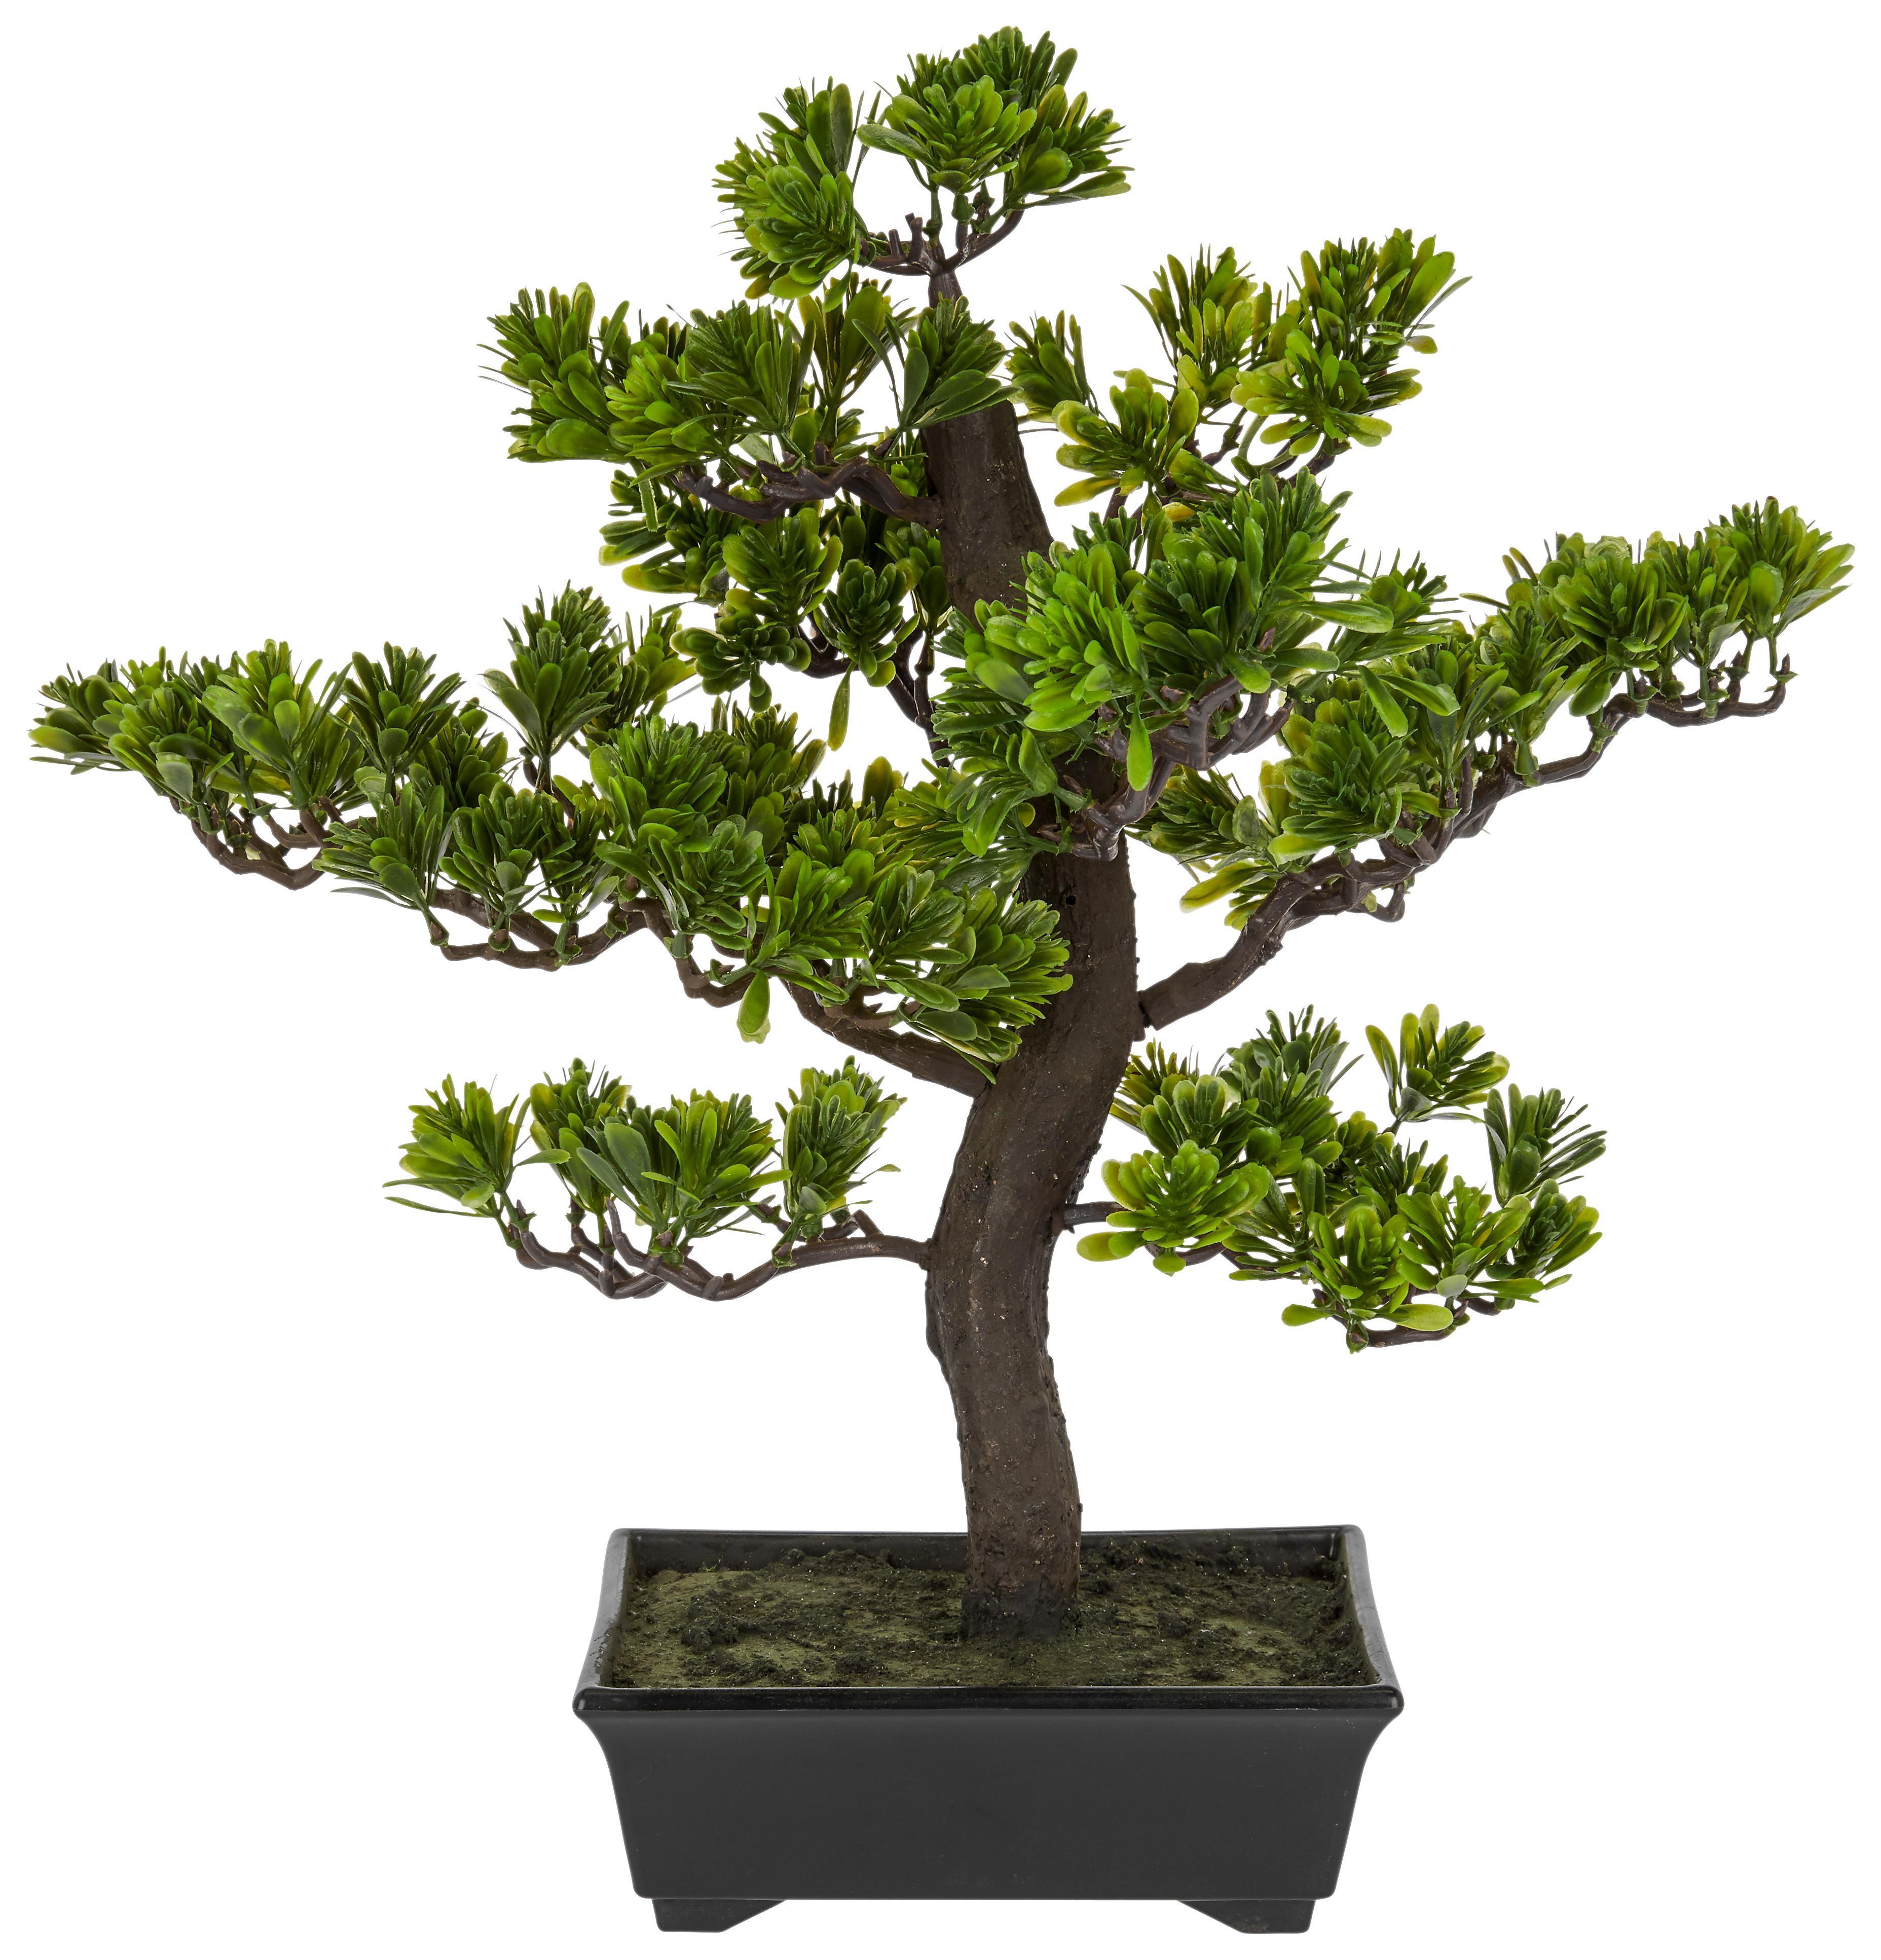 kunstpflanze bonsai gr n online kaufen m max. Black Bedroom Furniture Sets. Home Design Ideas